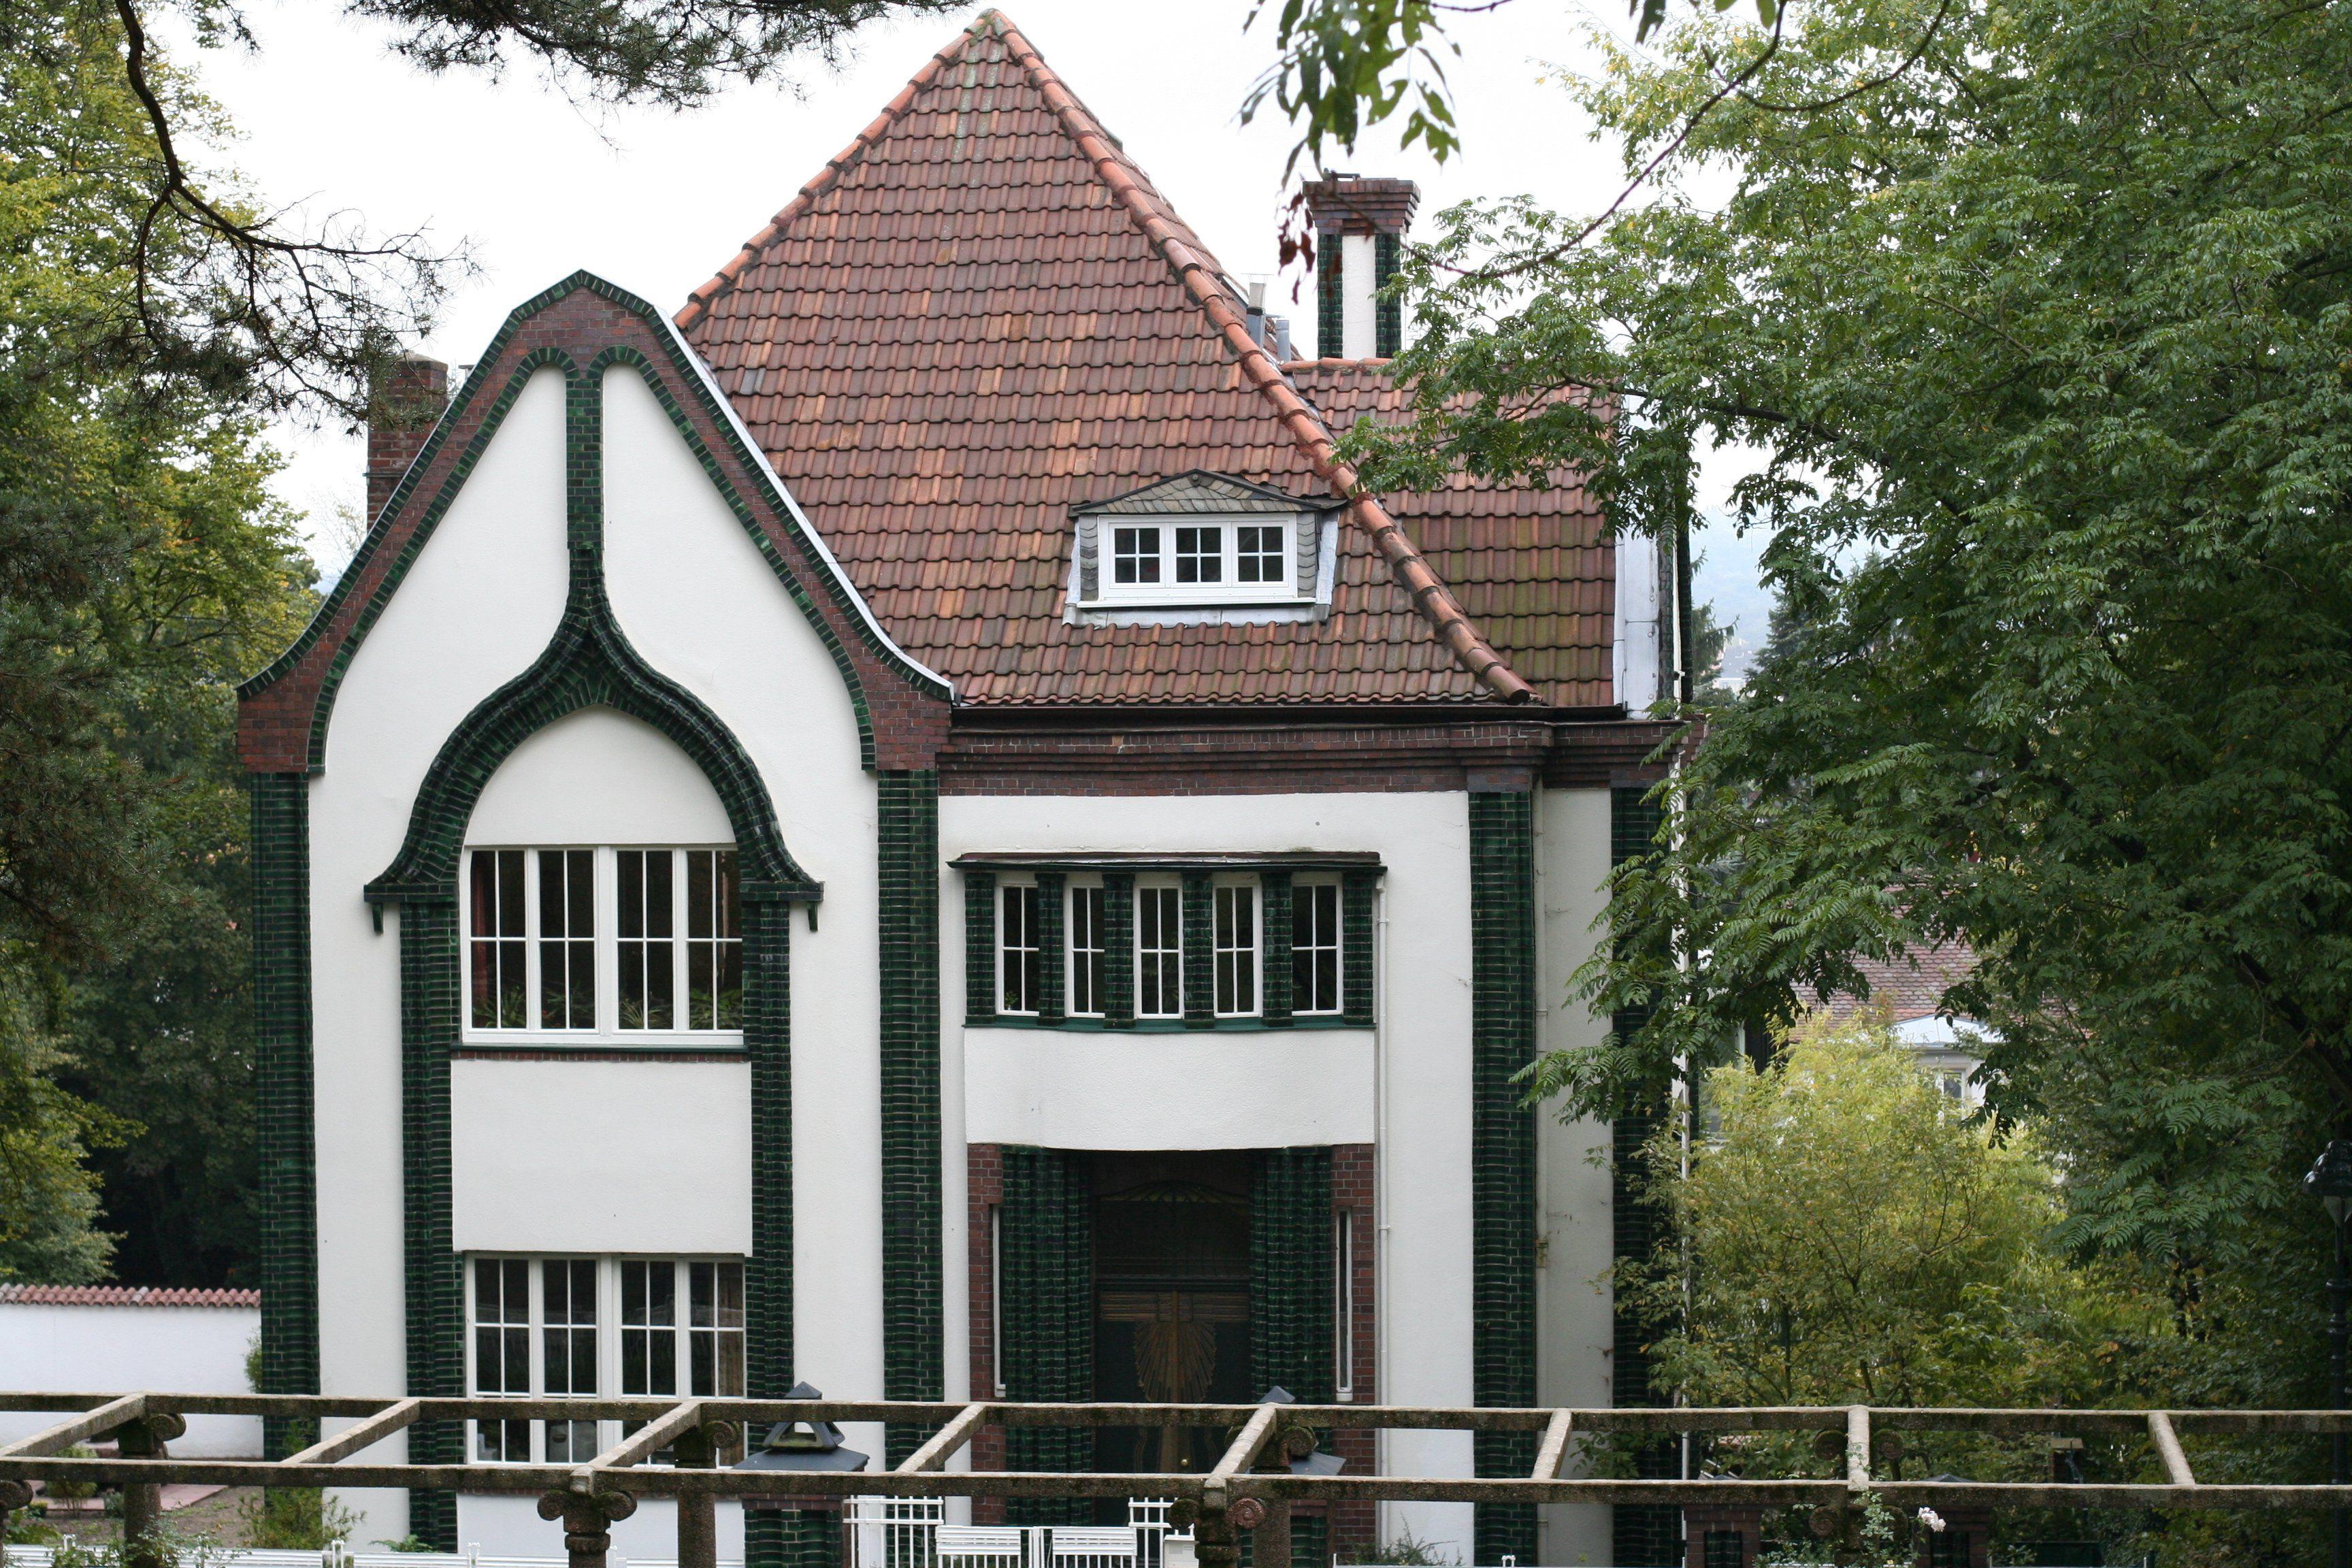 Wundervoll Innenarchitektur Darmstadt Sammlung Von Dom Petera Behrensa Peter Behrens 1901